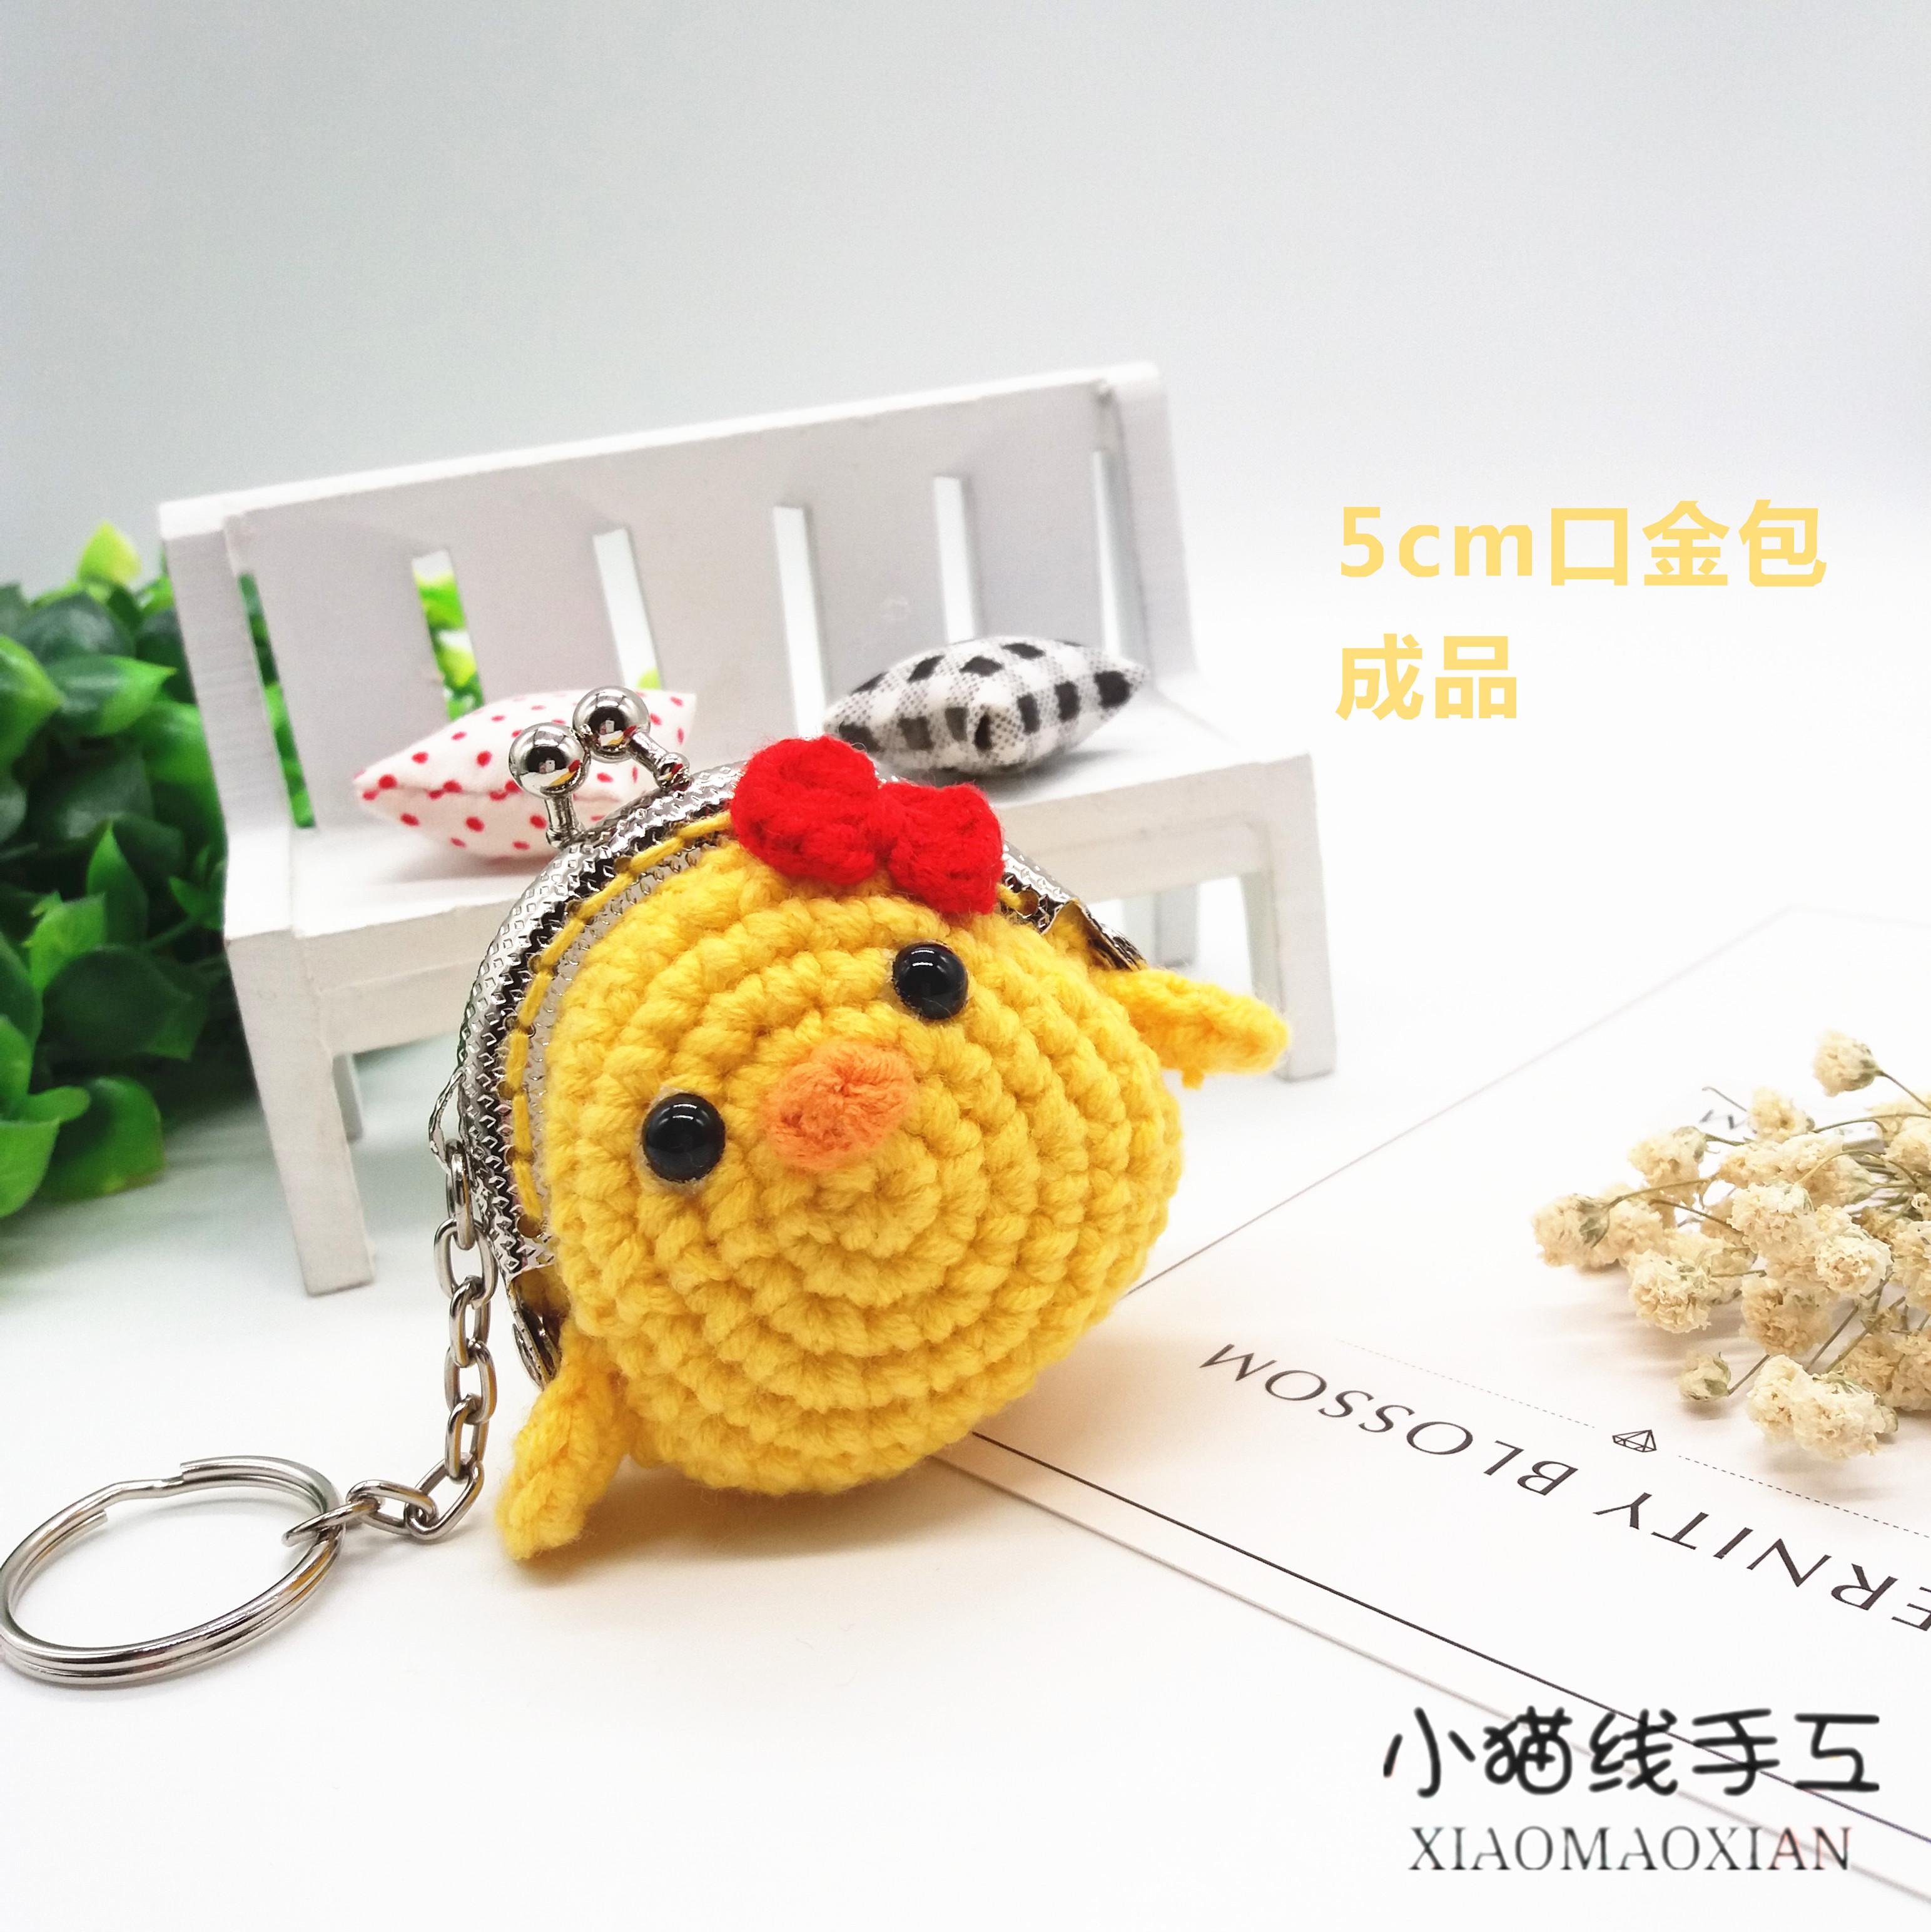 手工diy5cm小鸡口金包成品钩针毛线创意零钱包挂件饰品小猫线手工